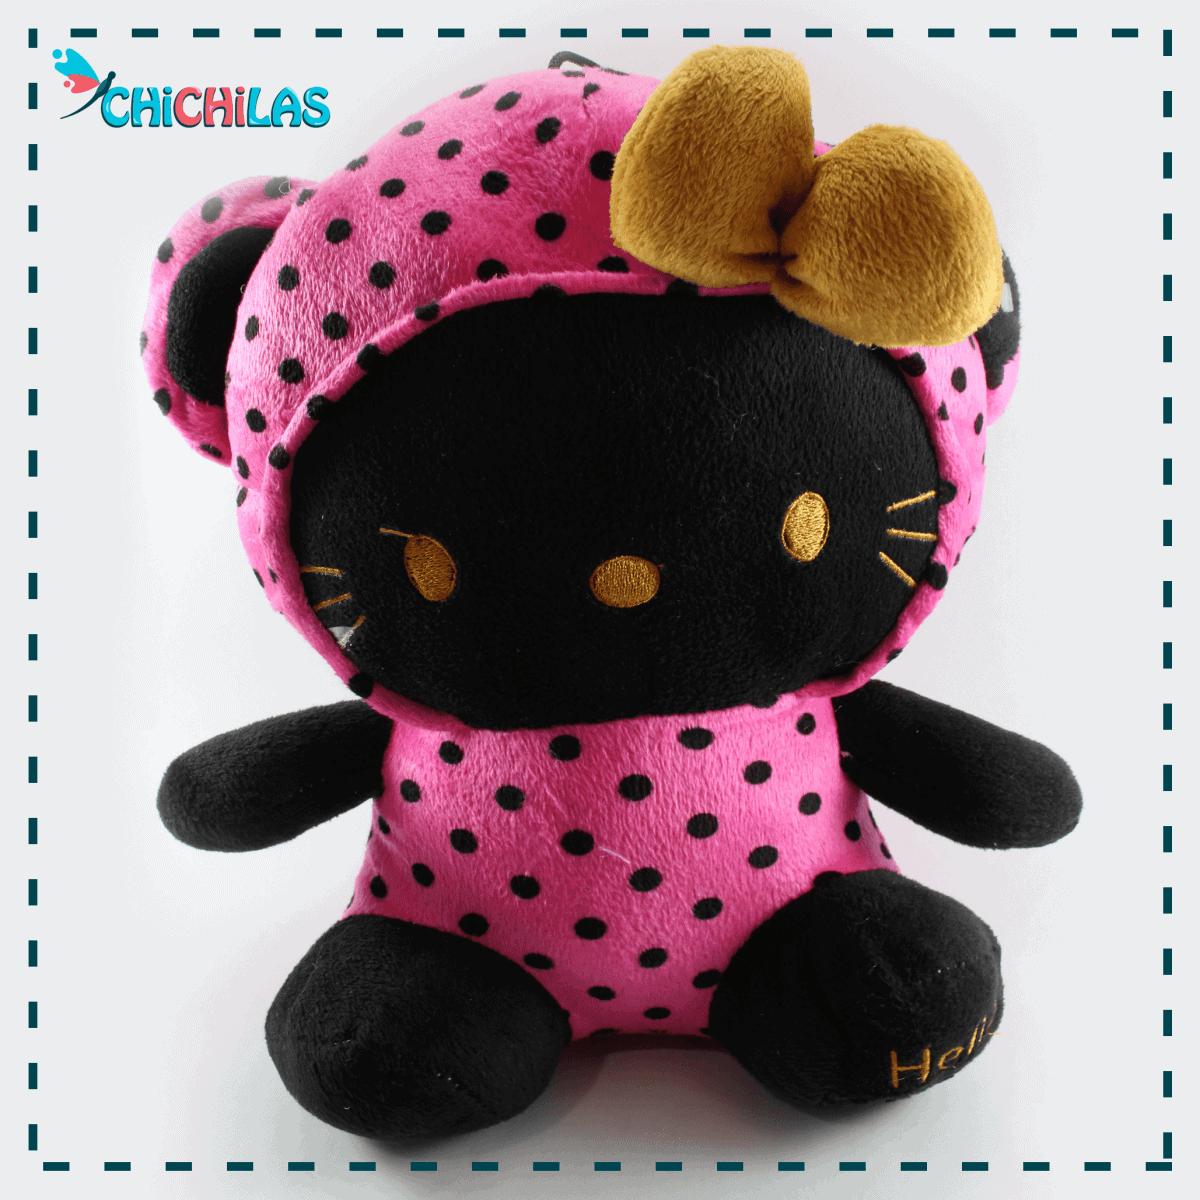 عروسک کیتی - عروسک گربه - عروسک هلو کیتی - عروسک kitty